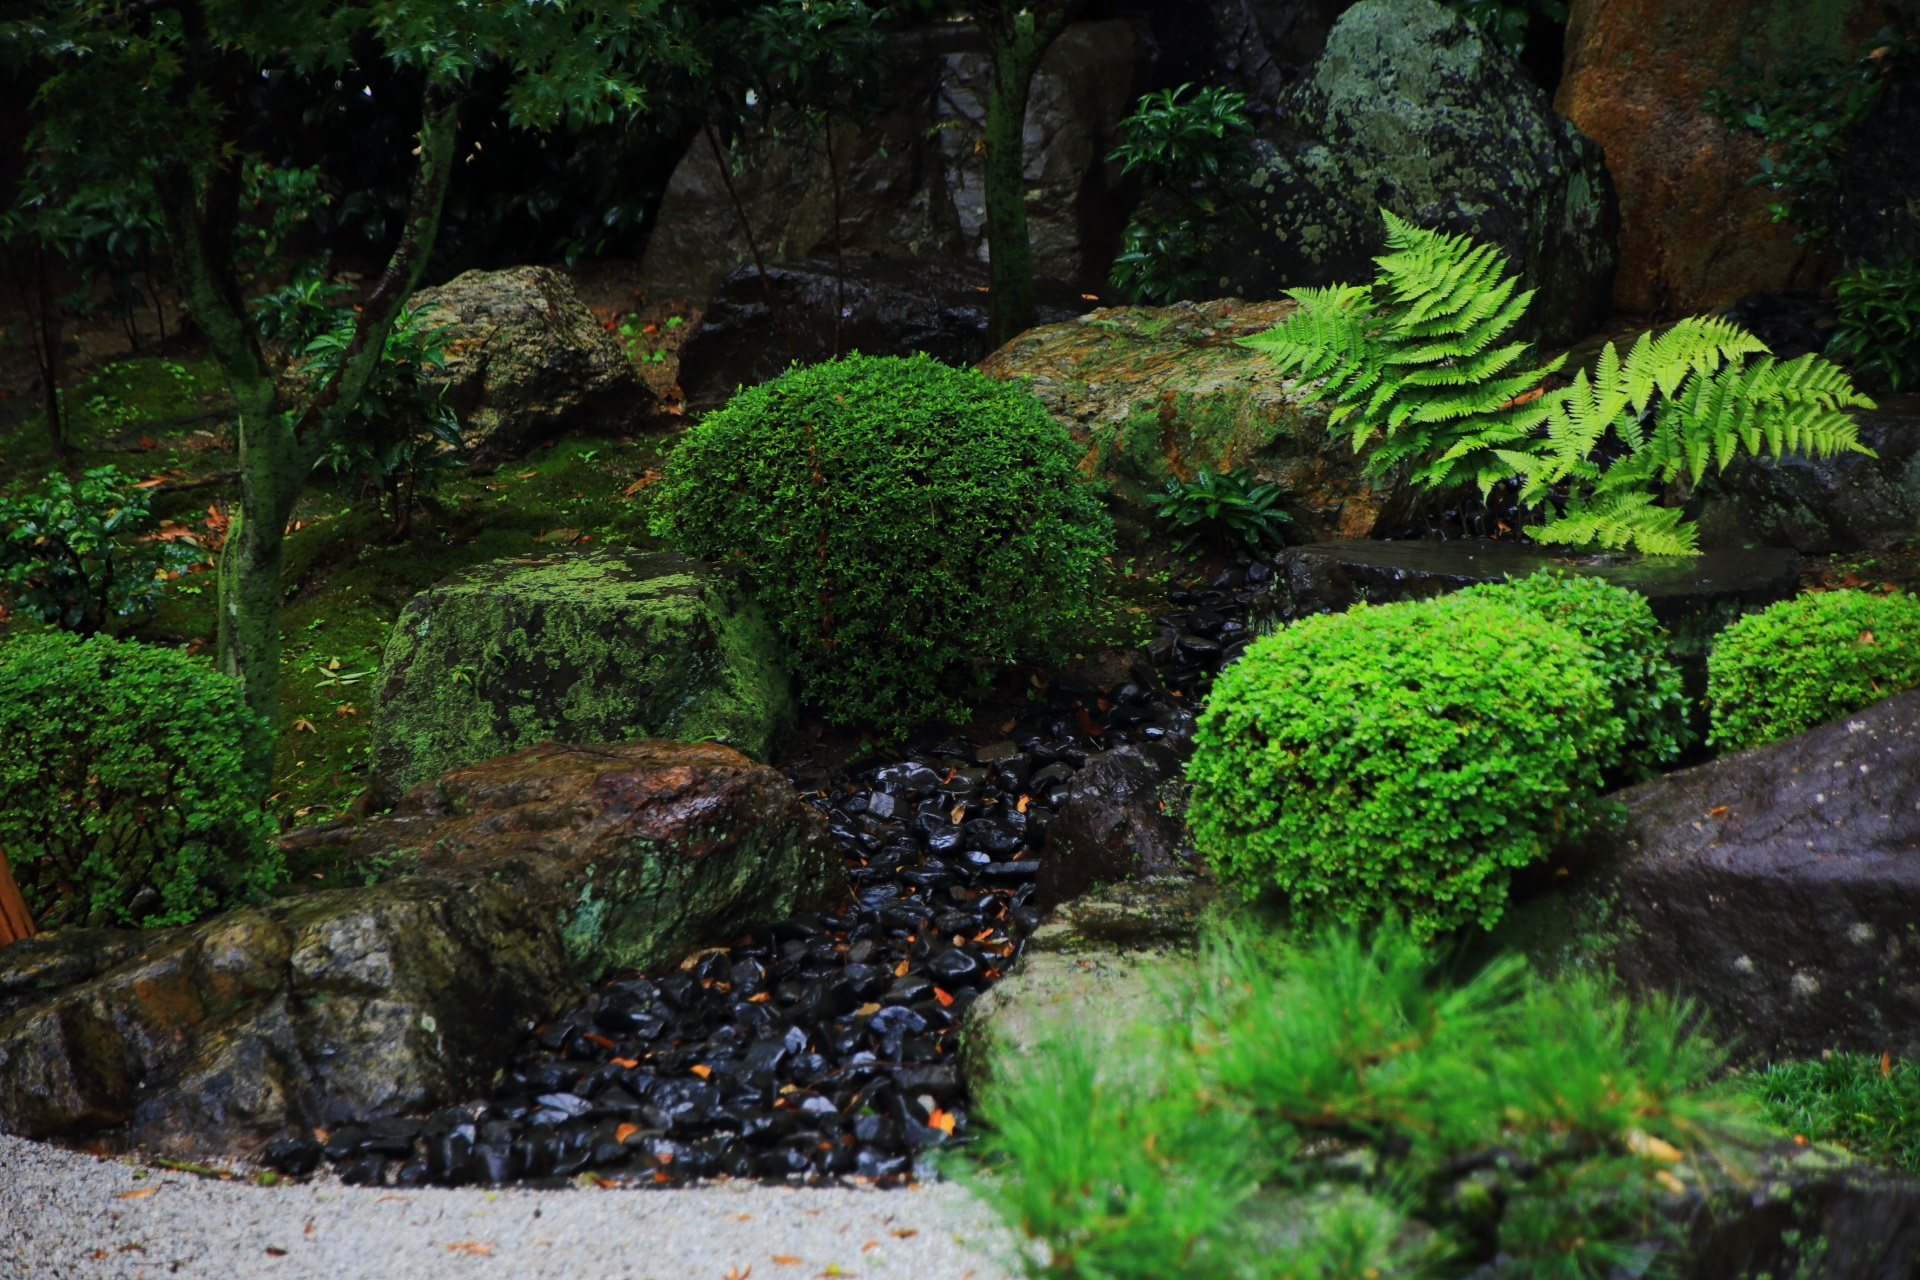 御香宮神社庭園のサツキやシダなどの緑